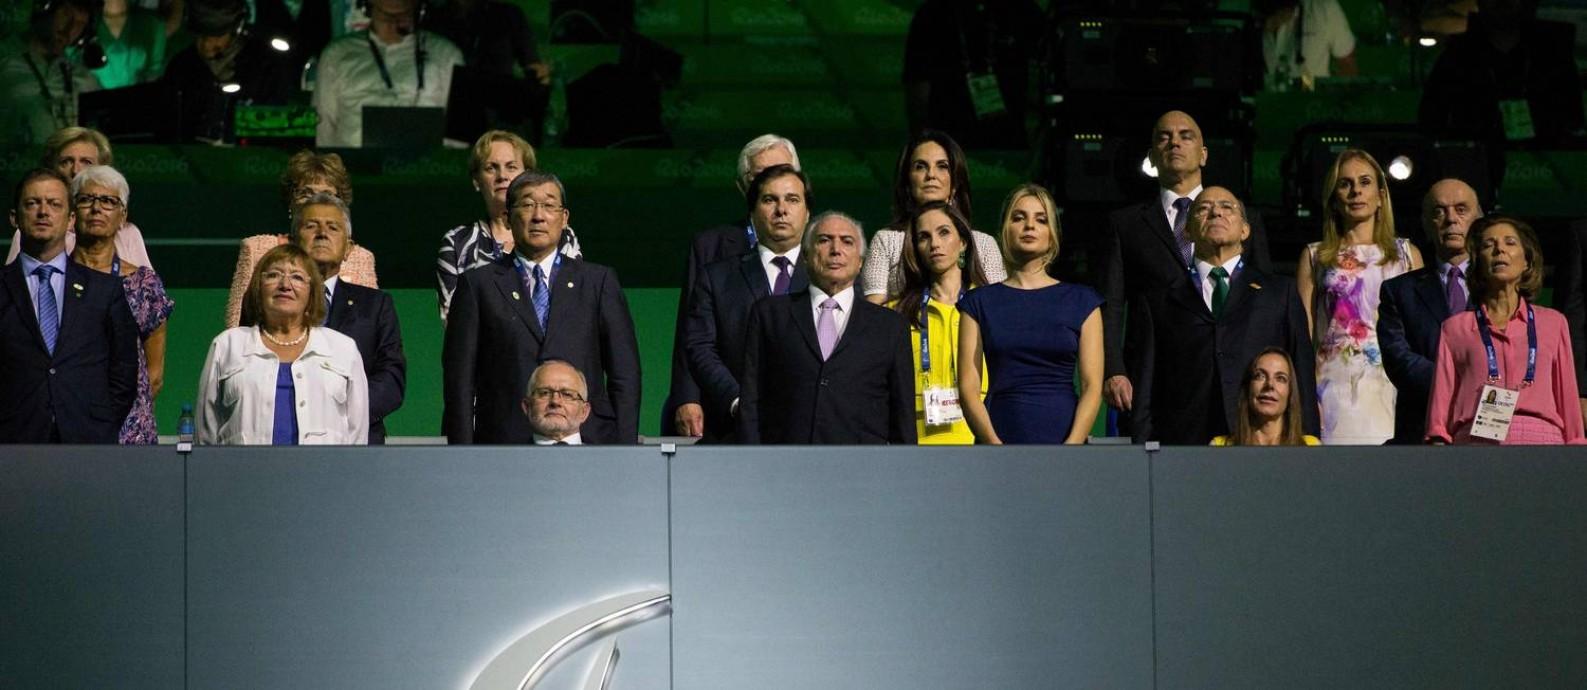 Sir Philip Craven, presidente do Comitê Paralímpico Internacional (sentado em cadeira de rodas), o presidente Michel Temer e a primeira-dama Marcela Temer na tribuna do Maracanã Foto: AL TIELEMANS FOR OIS/IOC / AFP